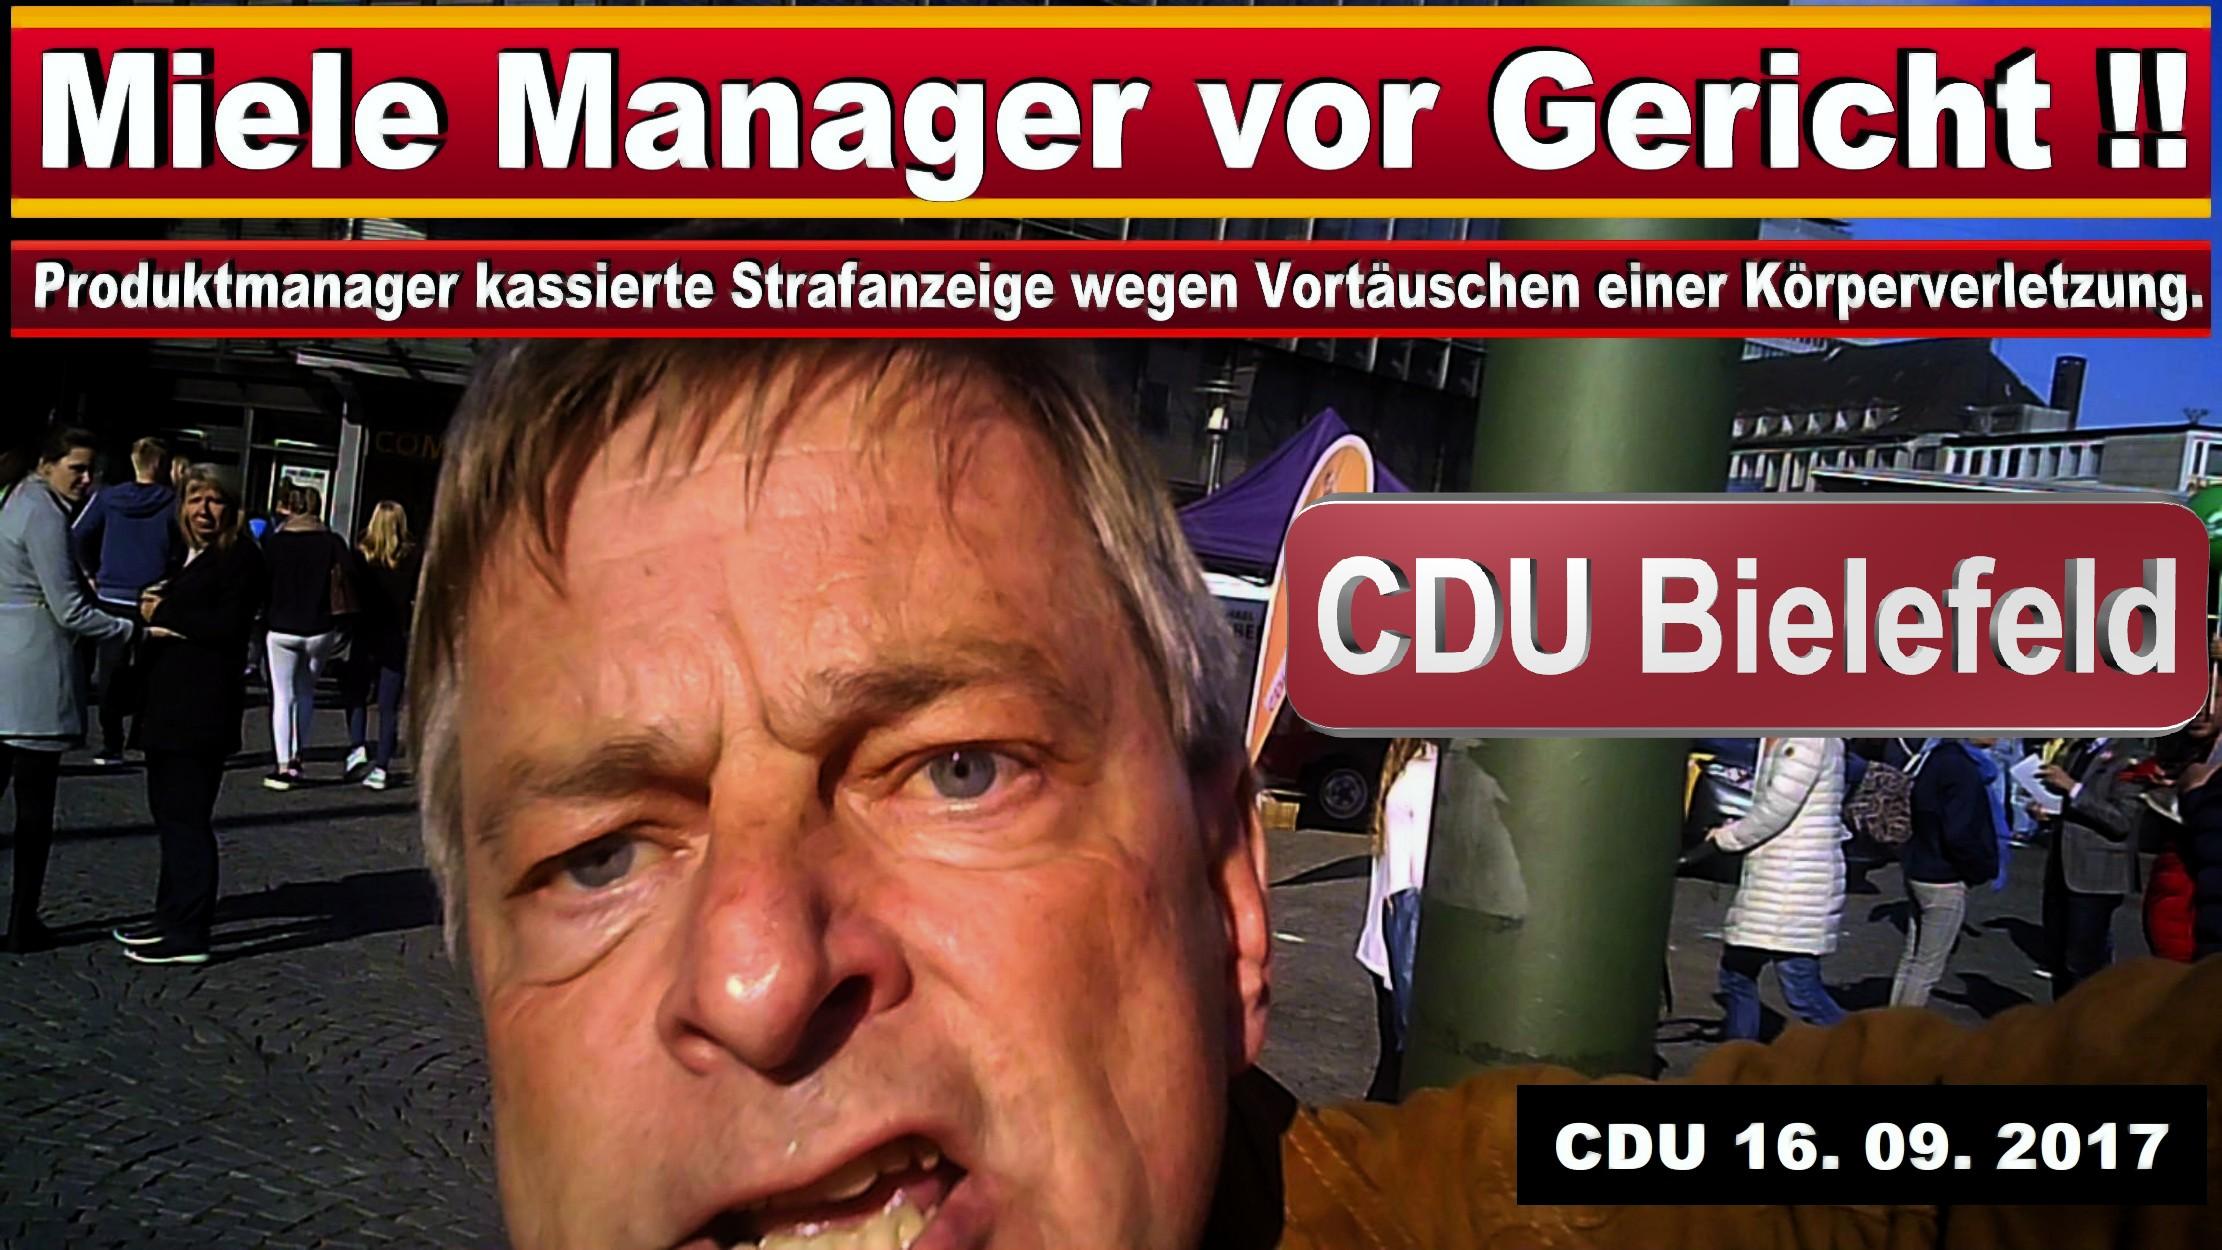 CDU GESCHäFTSSTELLE BIELEFELD MICHAEL WEBER MIELE GüTERSLOH PRODUKTMANAGER JURIST SPD FDP AFD BIELEFELD